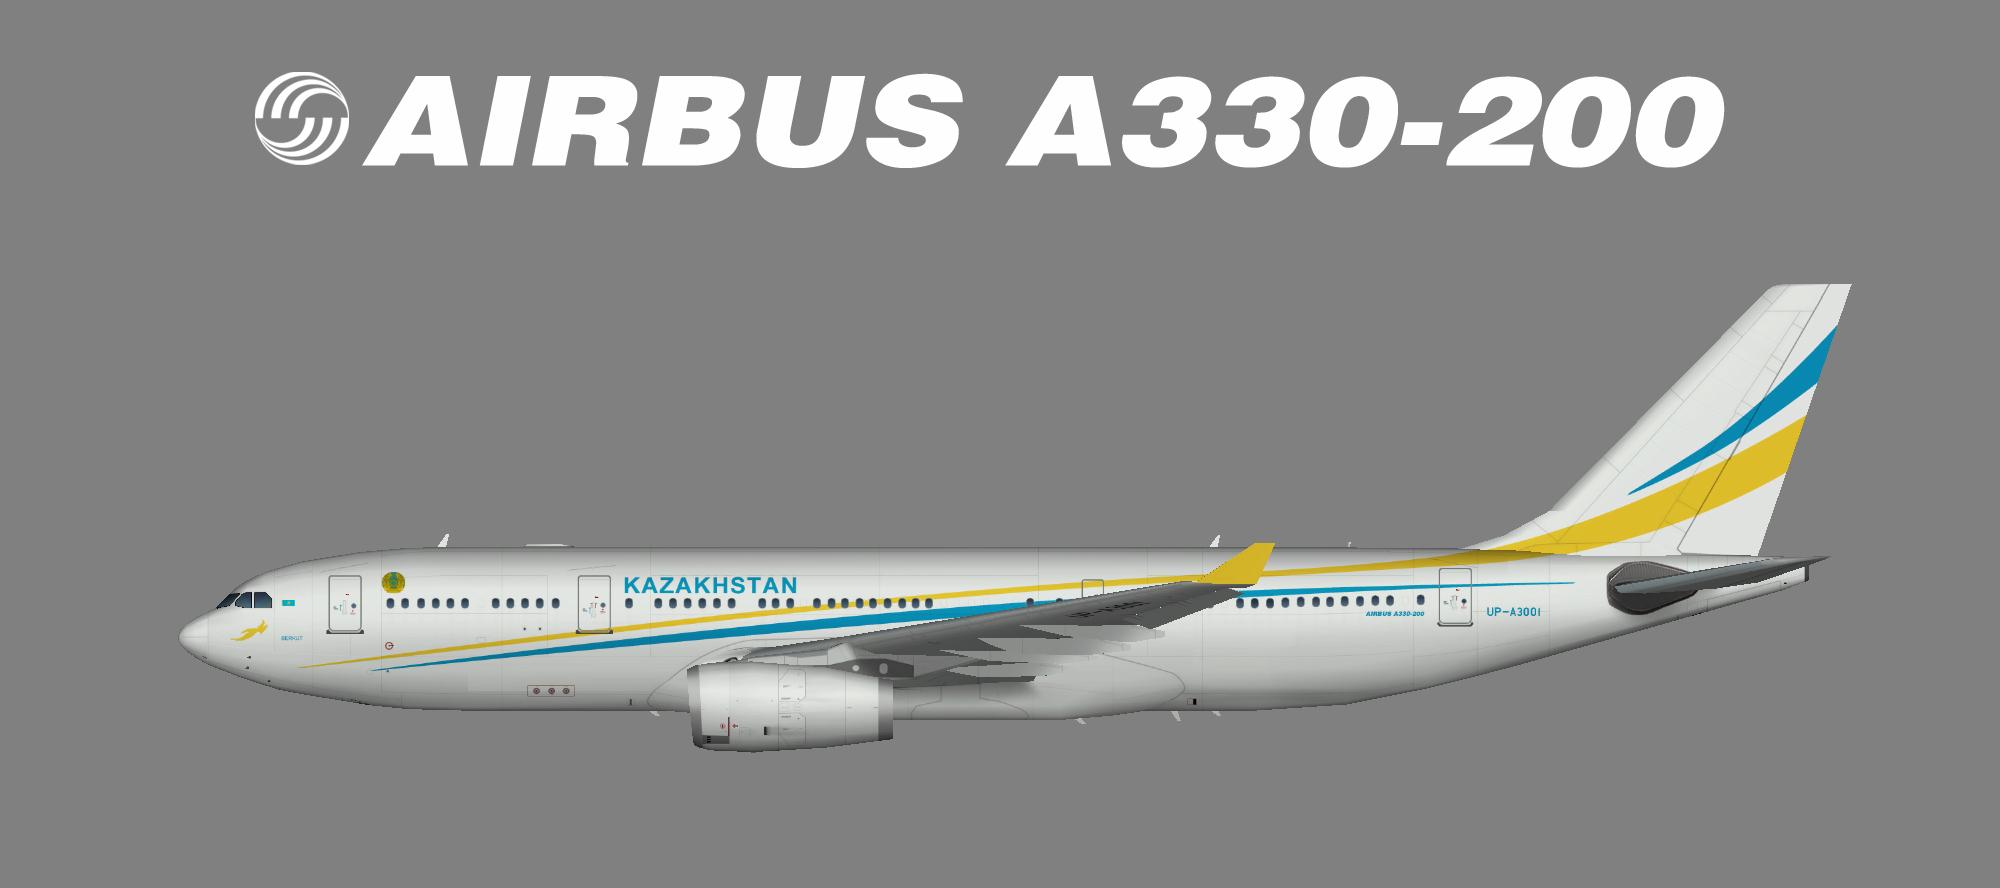 Kazakhstan Government A330-200